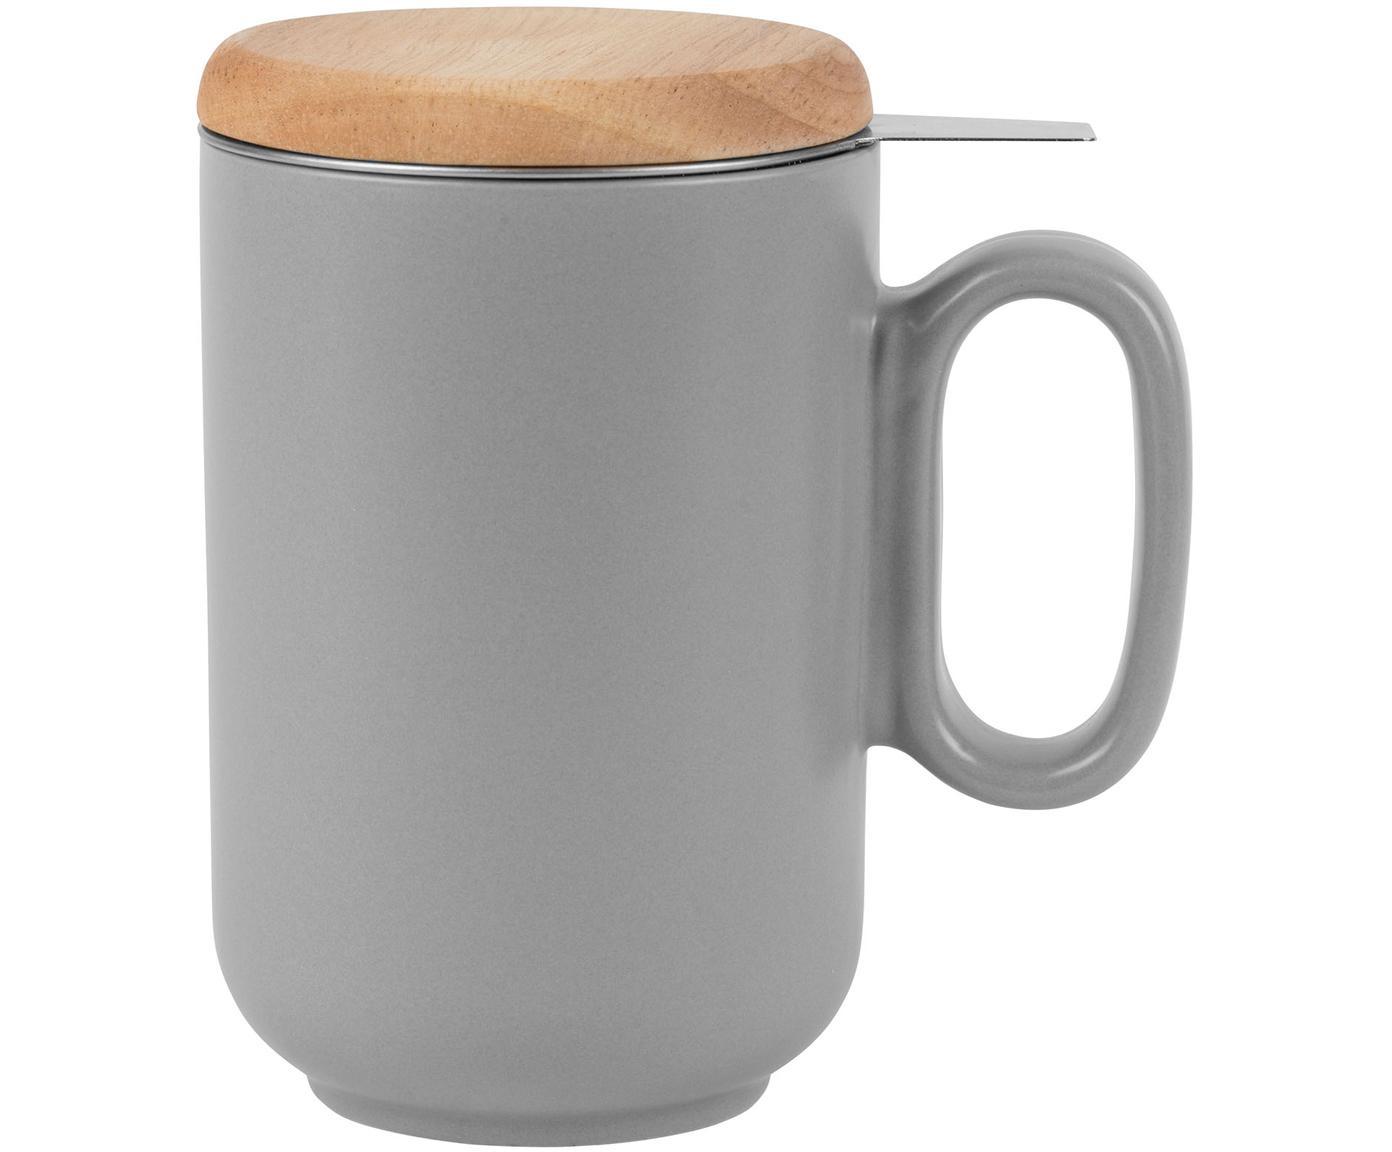 Taza con filtro para té Baltika, Gres, bambú, acero inoxidable, Gris, Ø 9 x Al 14 cm